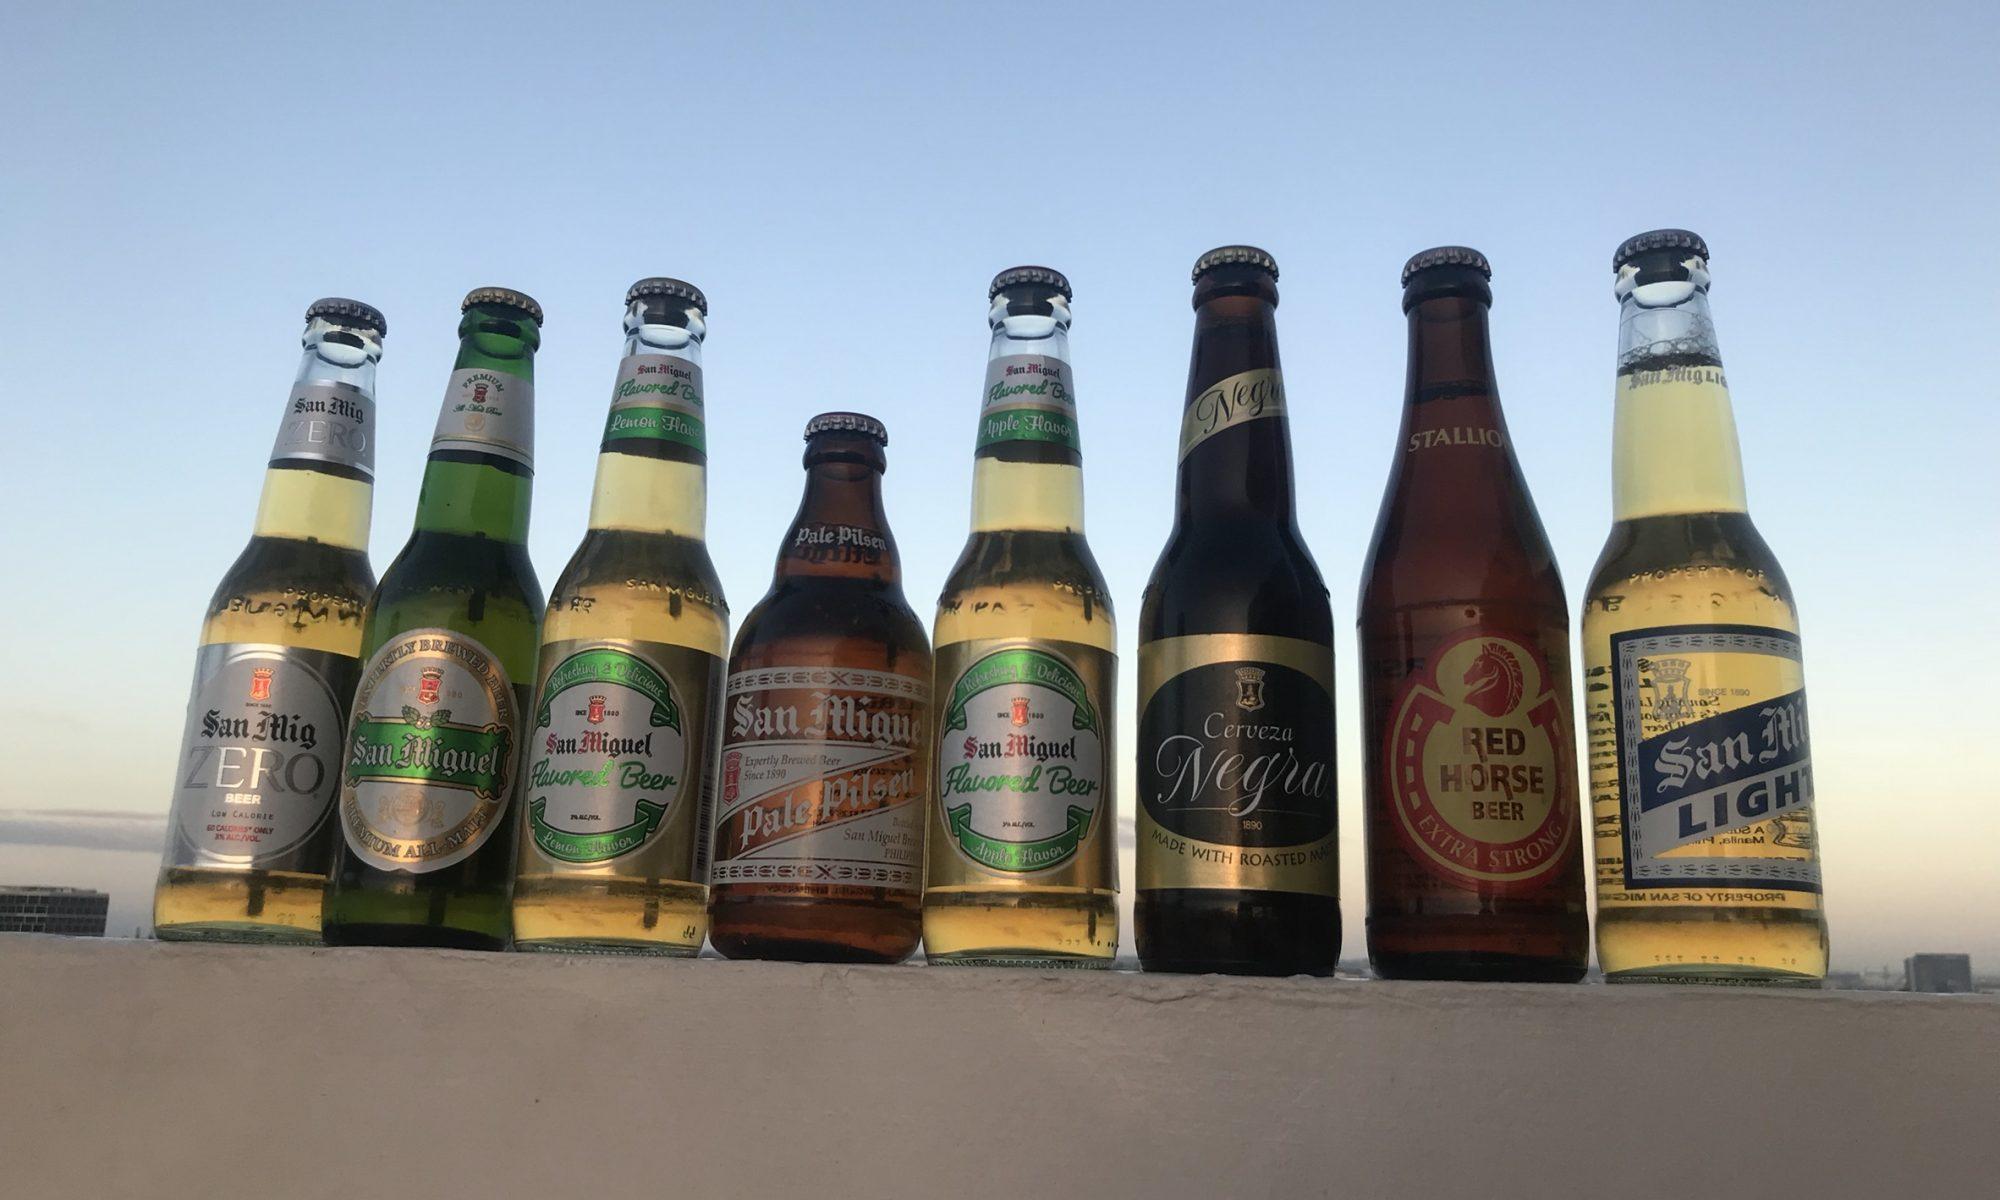 フィリピン産ビール「サンミゲル」を飲み比べ!